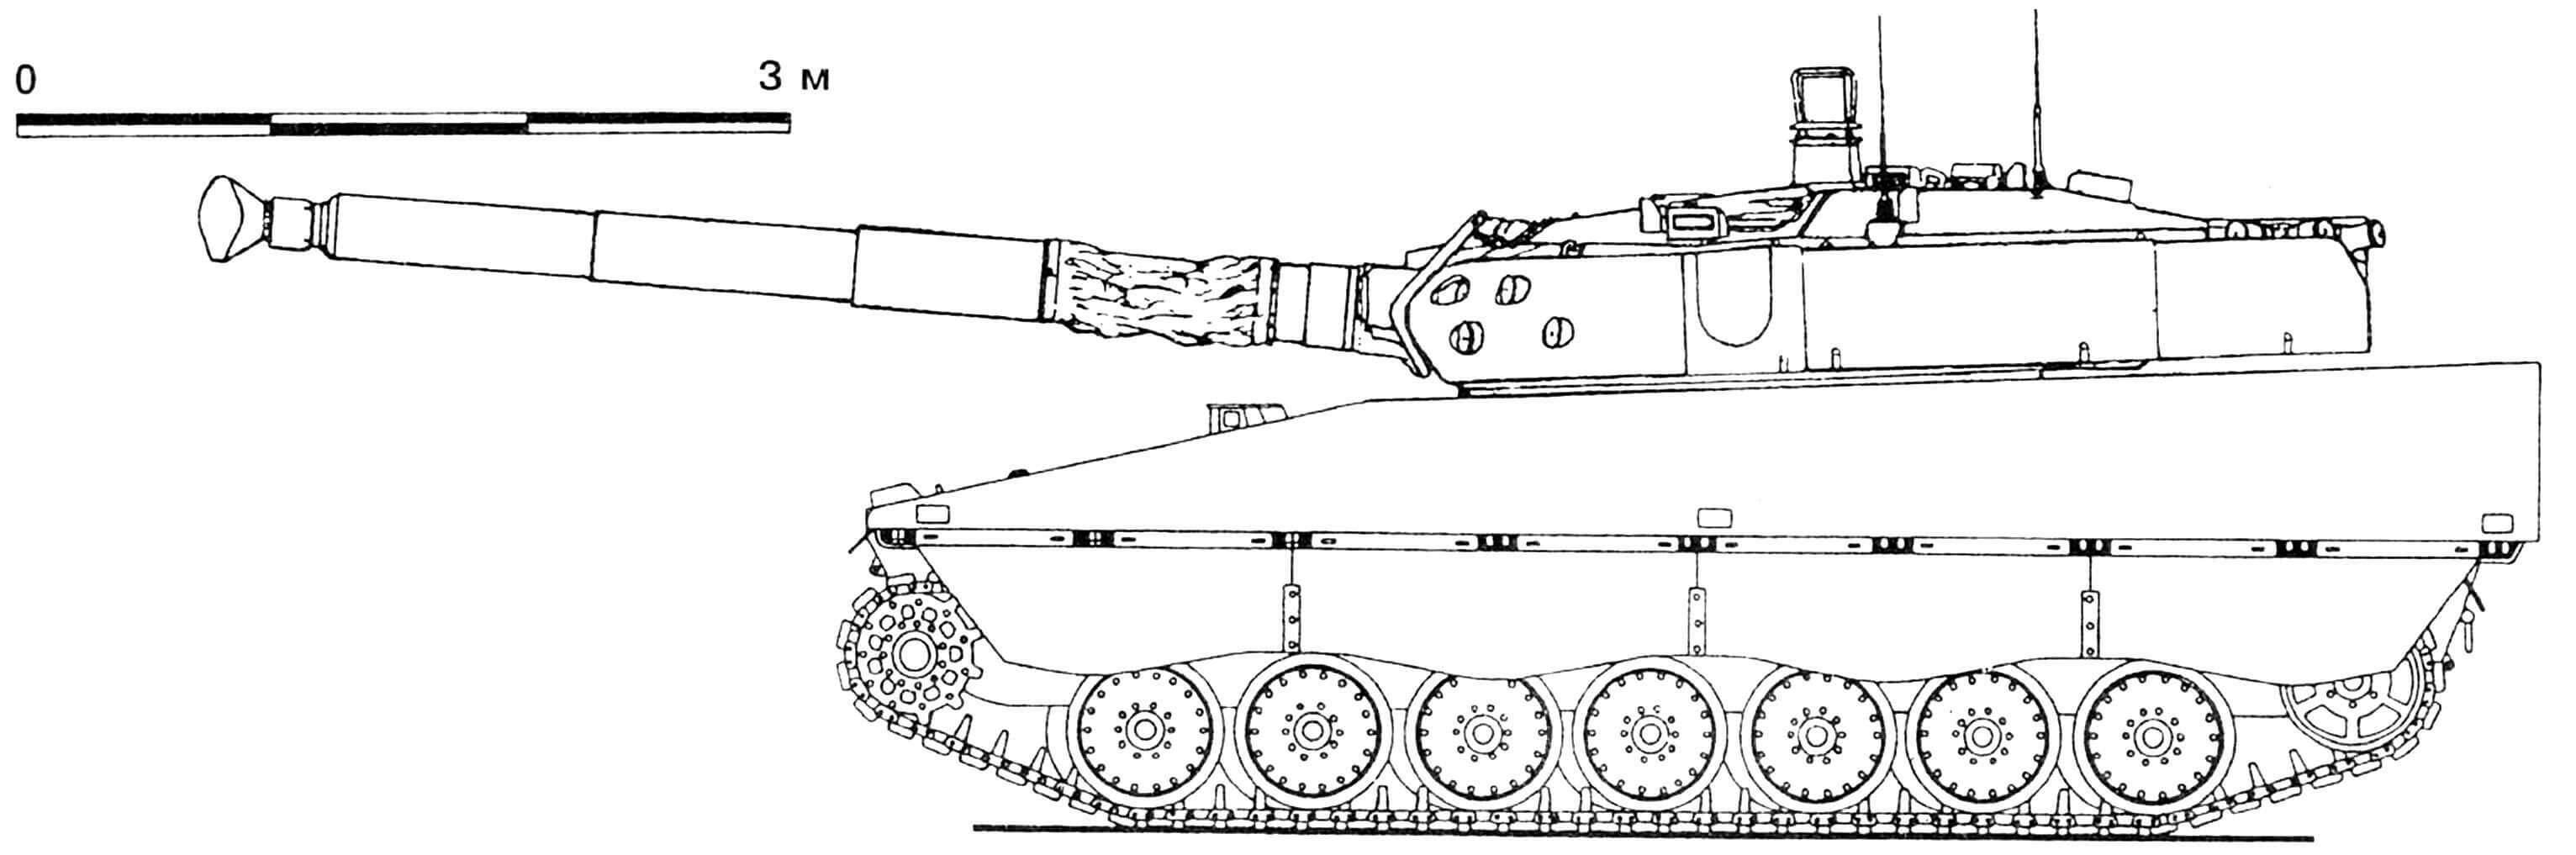 Противотанковая артиллерийская установка CV-90105 с башней GIAT TML 105.